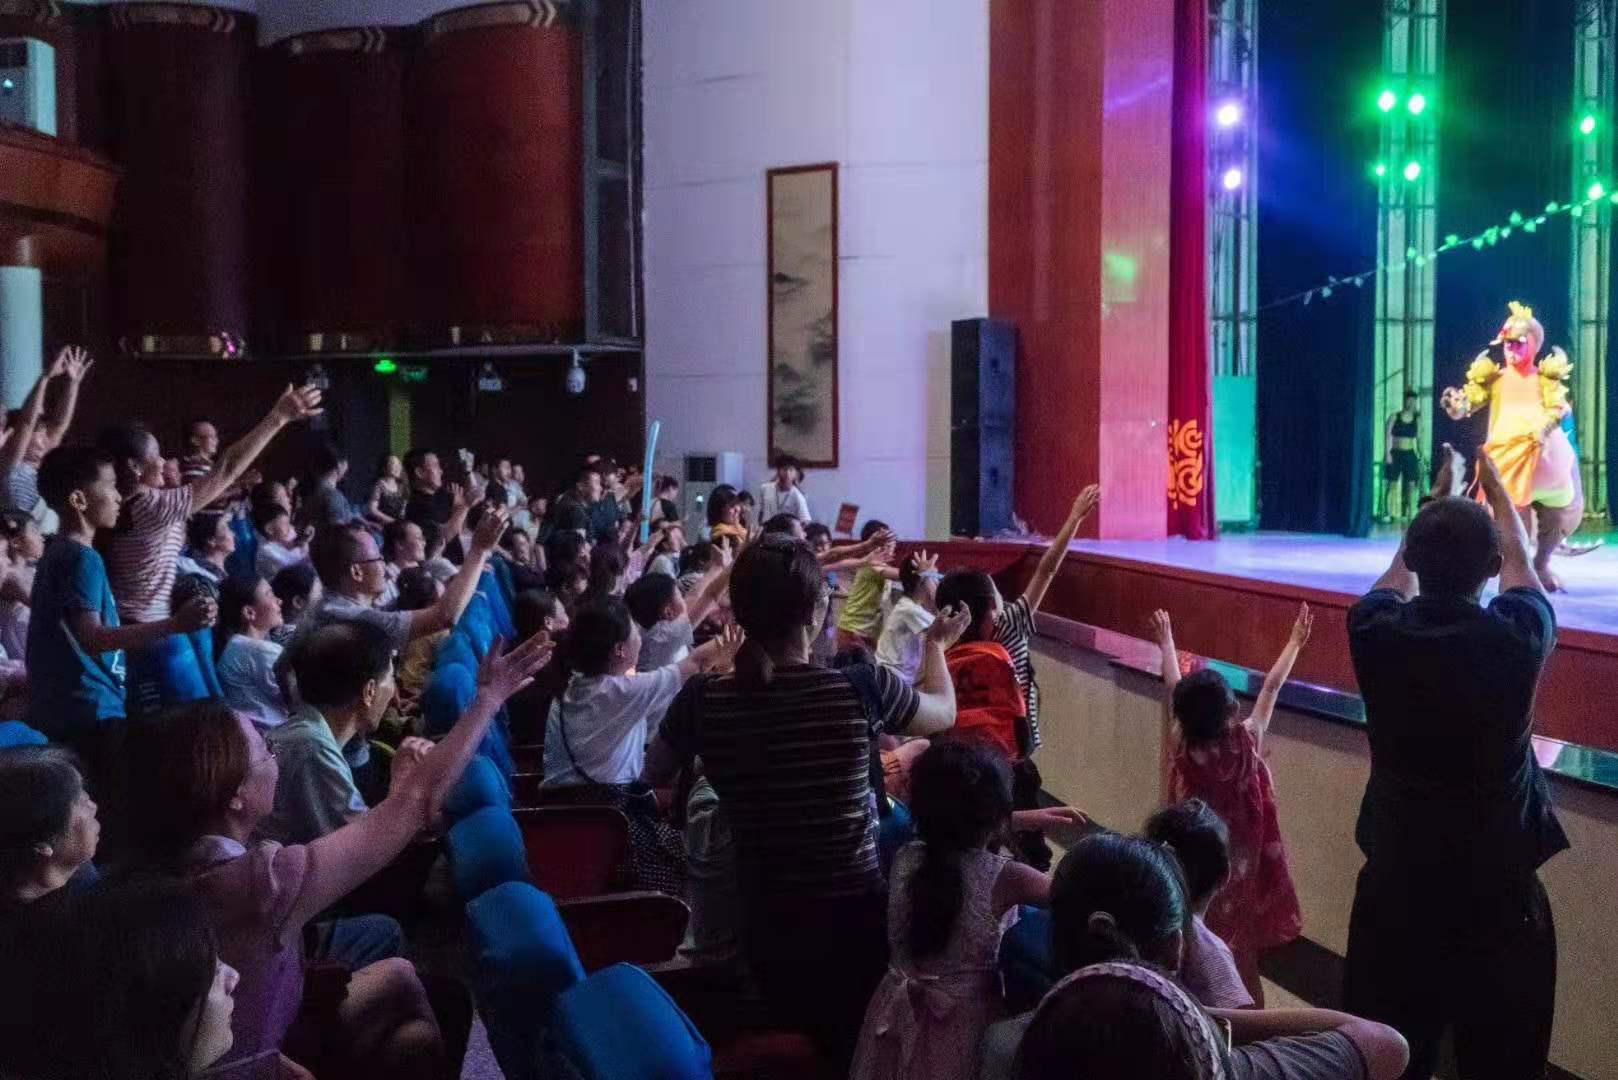 自贡市总工会举办暑期专场演出庆祝新中国成立70周年!''